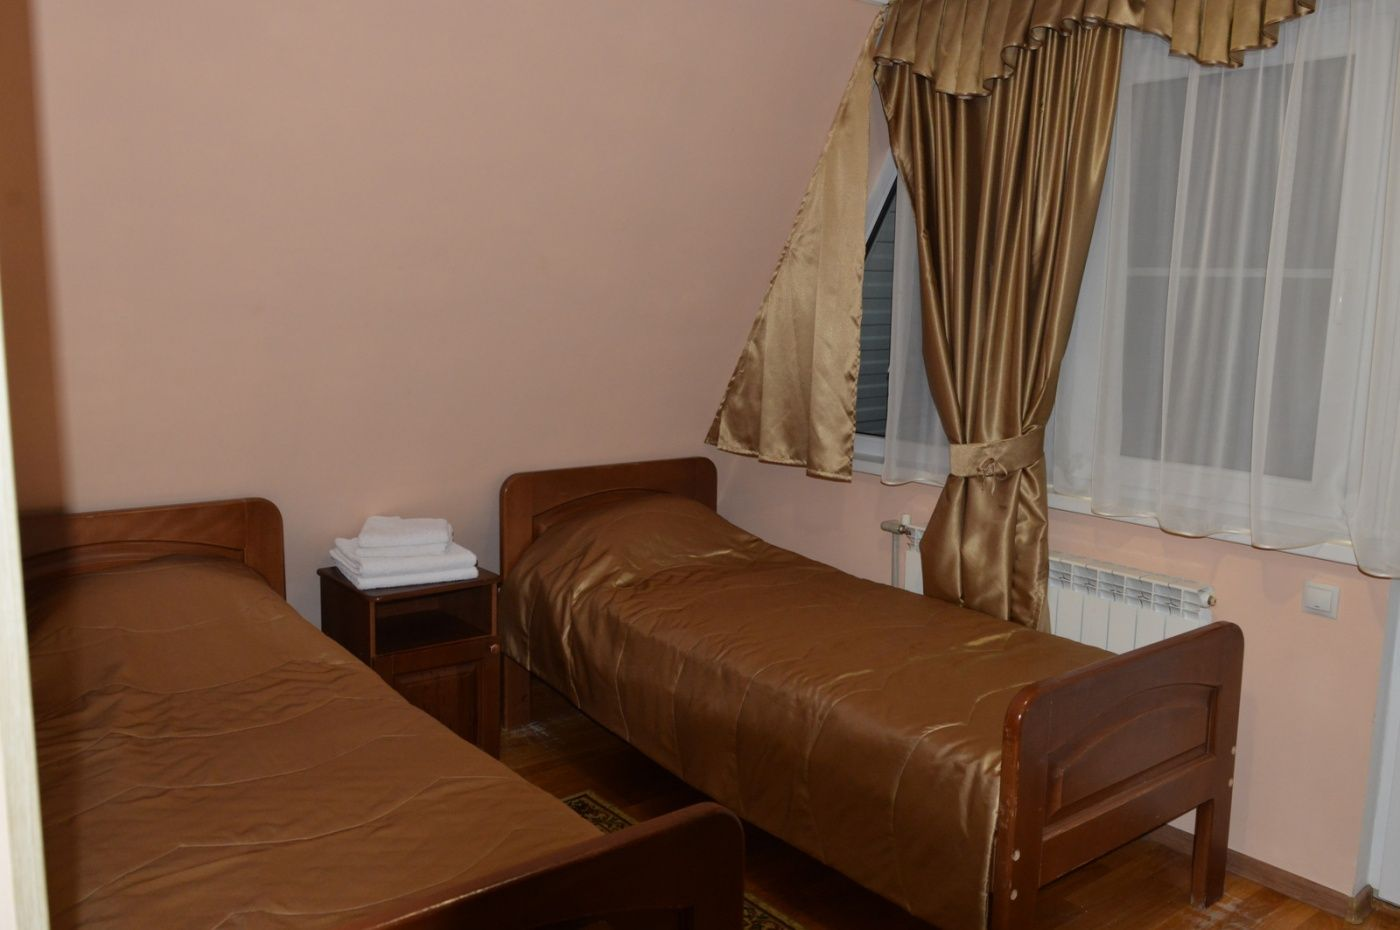 """База отдыха """"Аква-Вита"""" Краснодарский край 1-комнатный номер """"стандарт"""" (2 места), фото 2"""